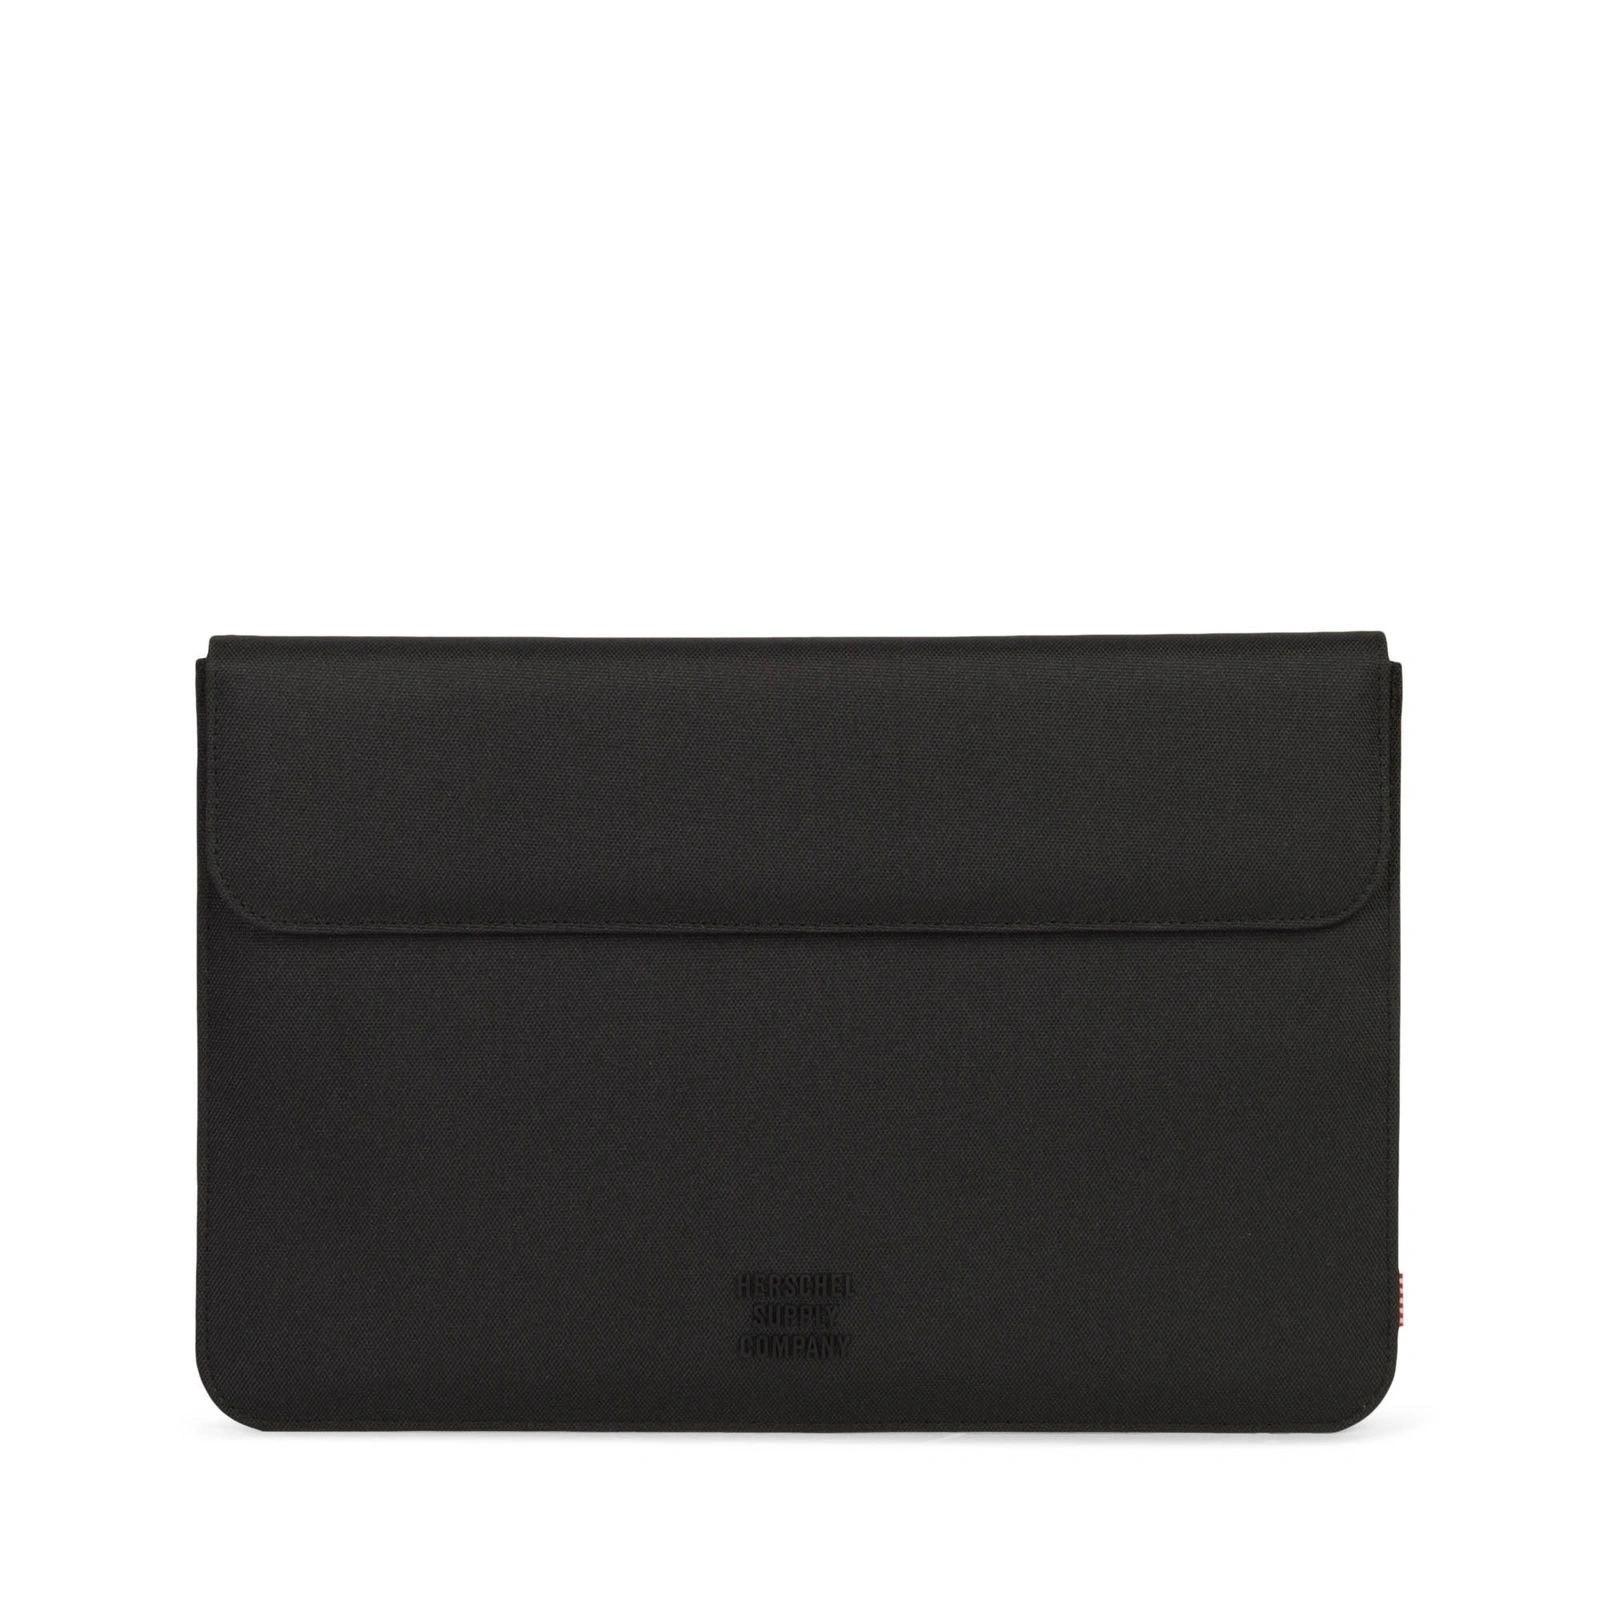 Herschel Laptop Kılıfı Spokane Sleeve Black 12''